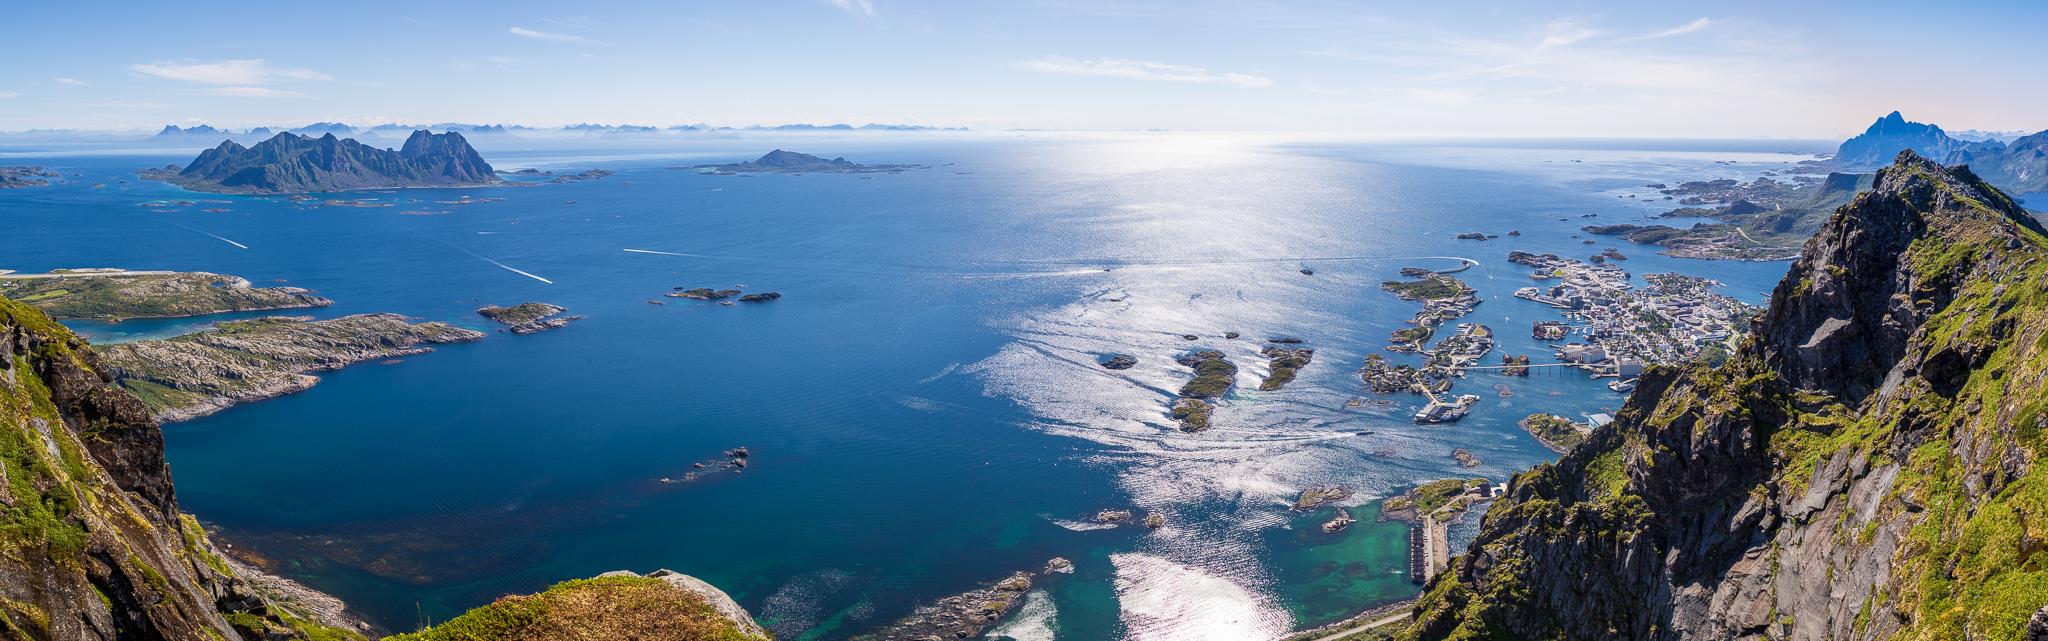 Panoramautsikt fra Fløya.